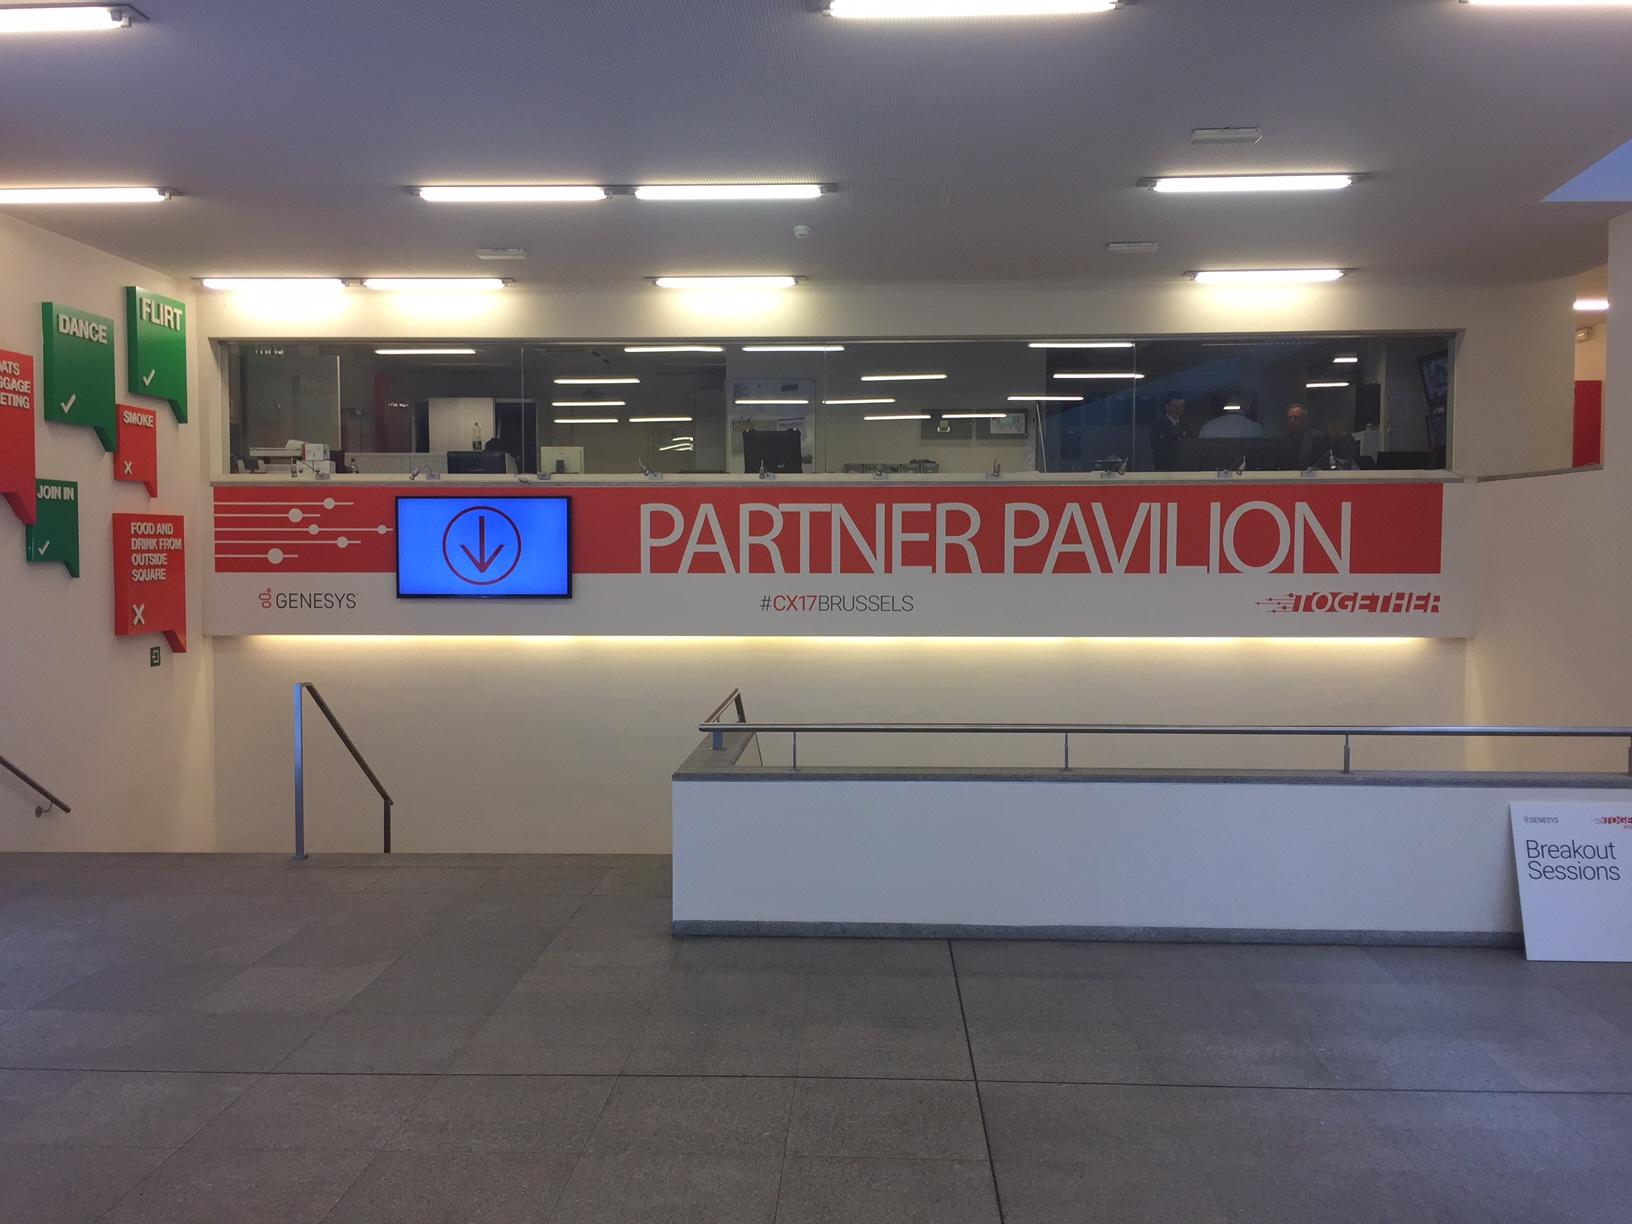 Entrance to the Partner Pavillion